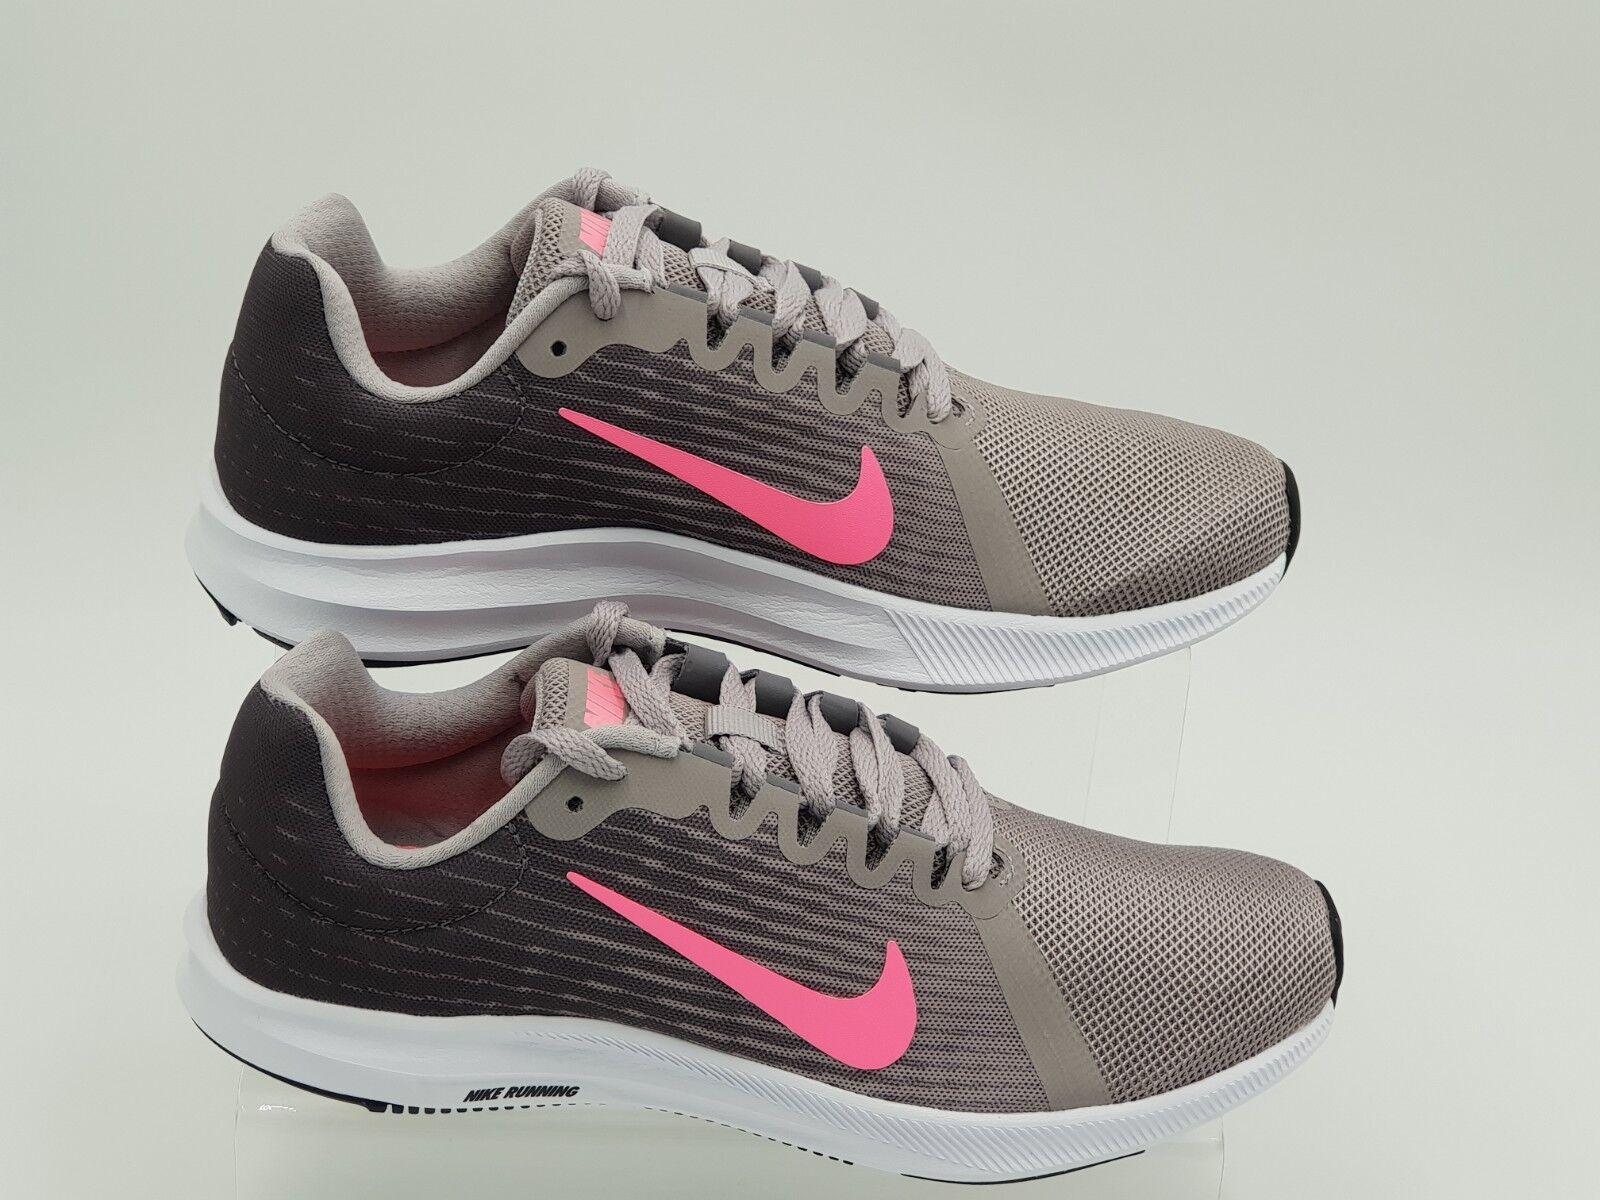 Nike donna Downshifter 8 Scarpe da Ginnastica Running Nuovo di Zecca   Design moderno    Maschio/Ragazze Scarpa